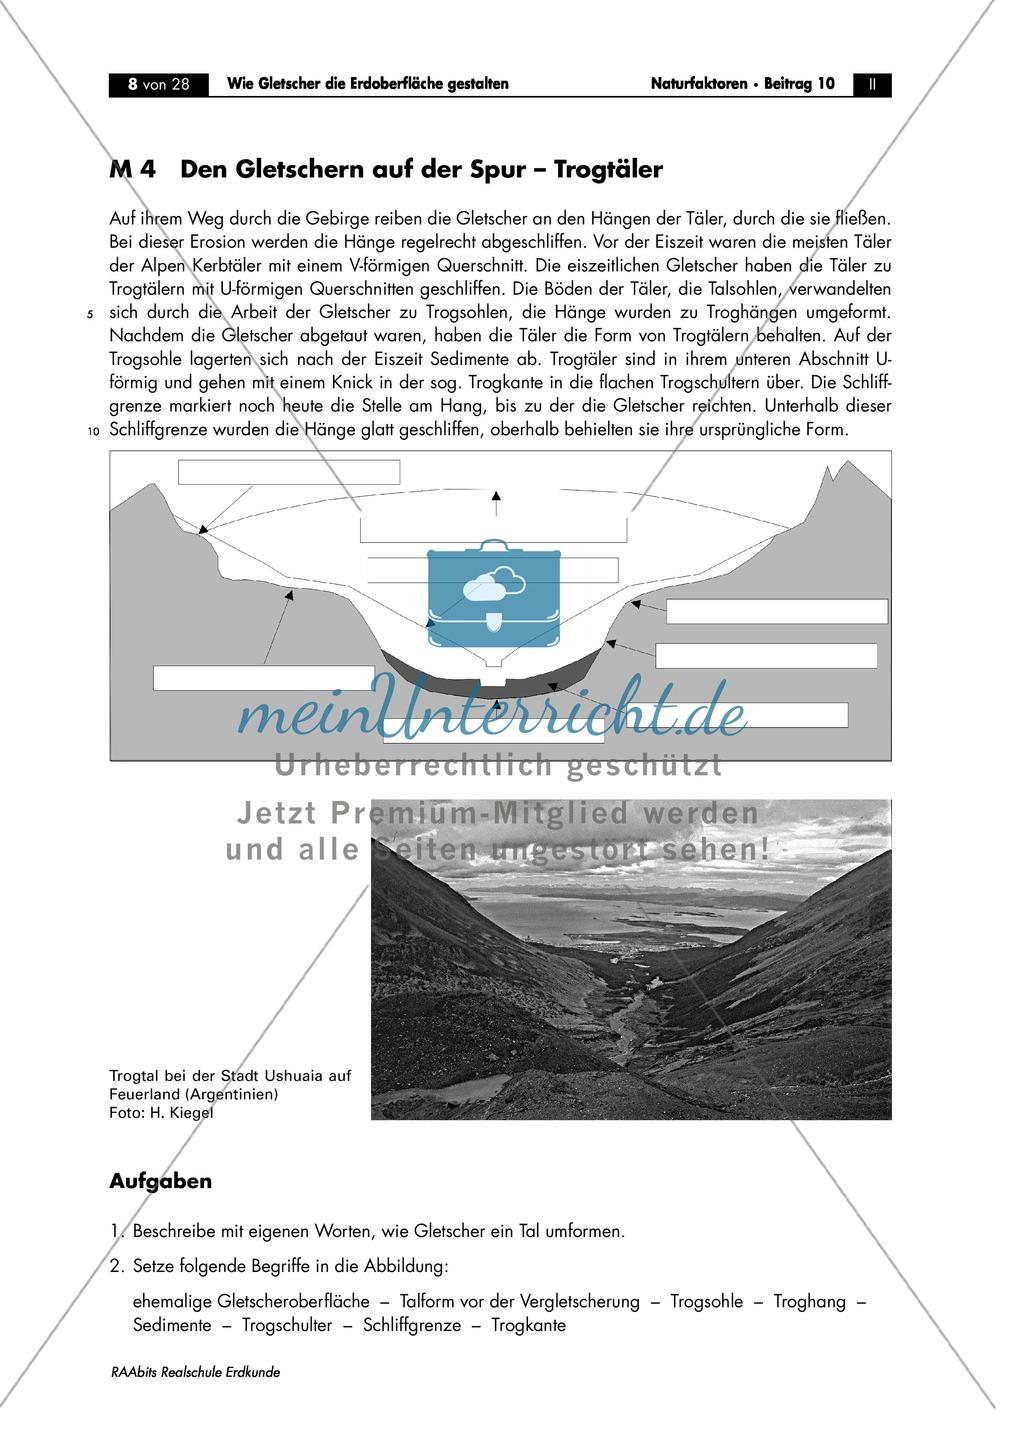 Gletscher - glaziale Erosionsformen: Trogtäler + Kar + Überformung durch Vergletscherung - Arbeitsblätter Preview 0